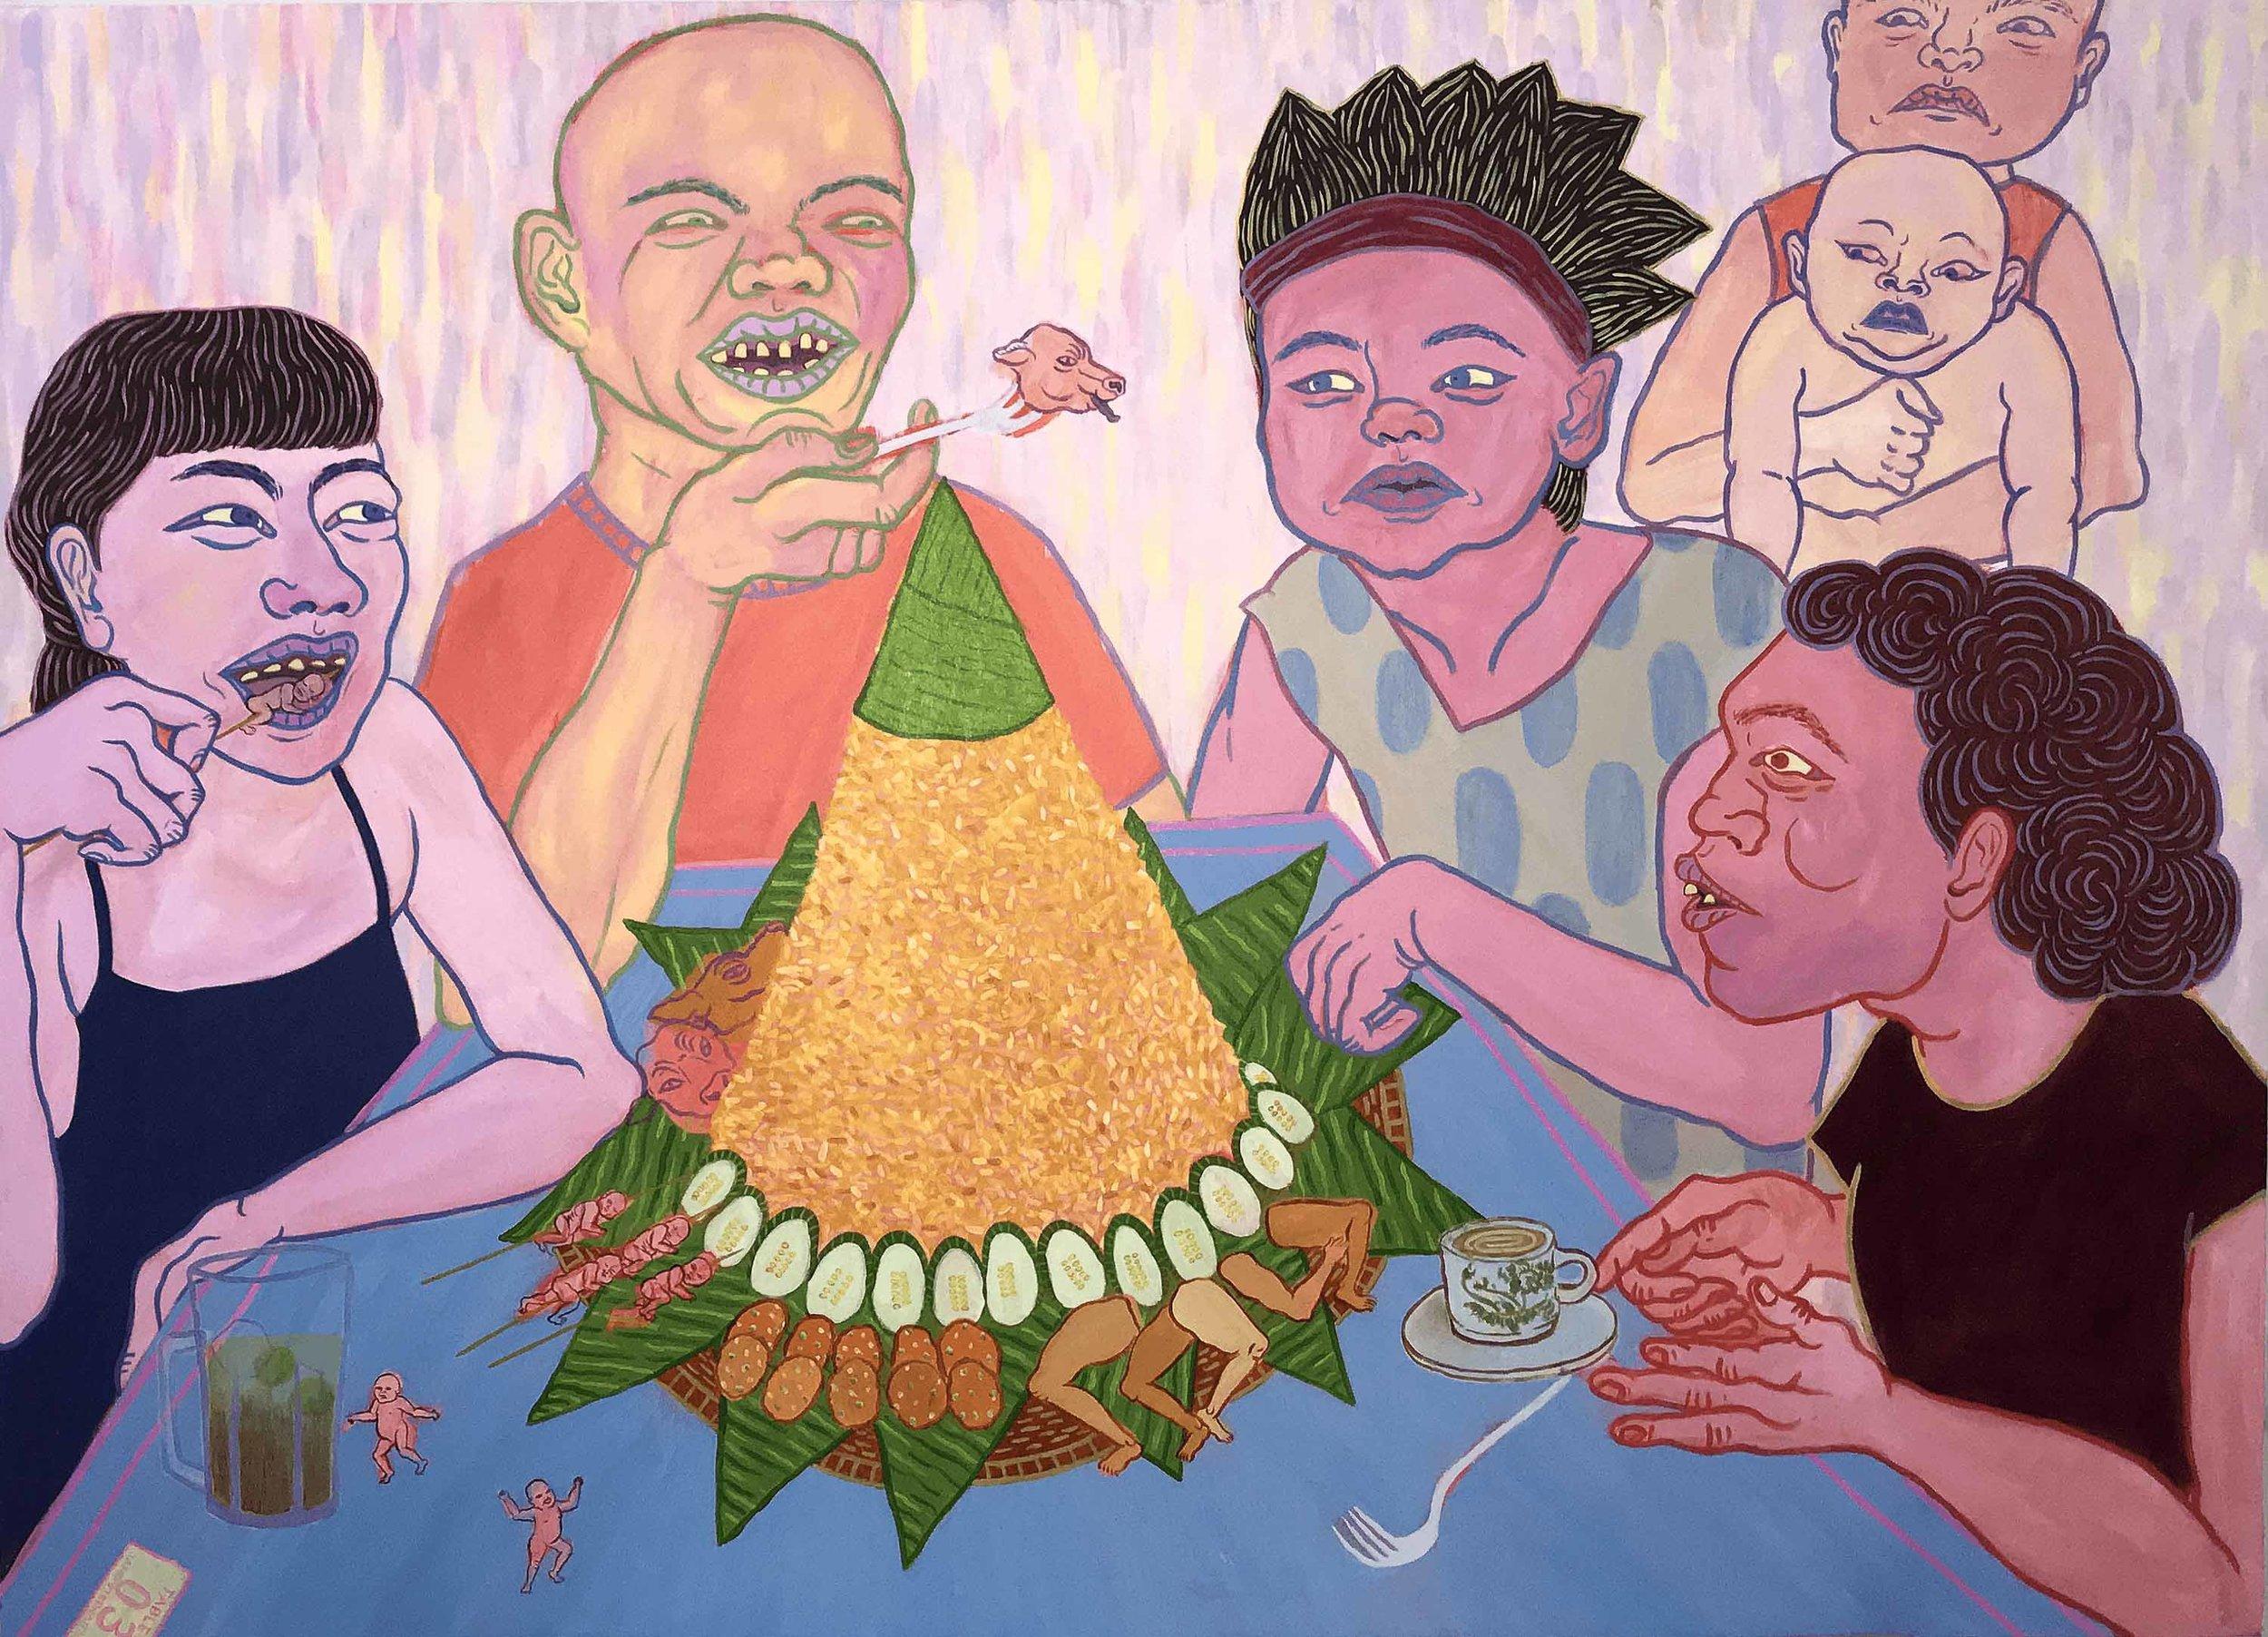 Jane Stephanny, 'Celebratory Tumpeng', 2018, acrylic on canvas, 122.5 x 168cm. Image courtesy of the artist and Suma Orientalis.